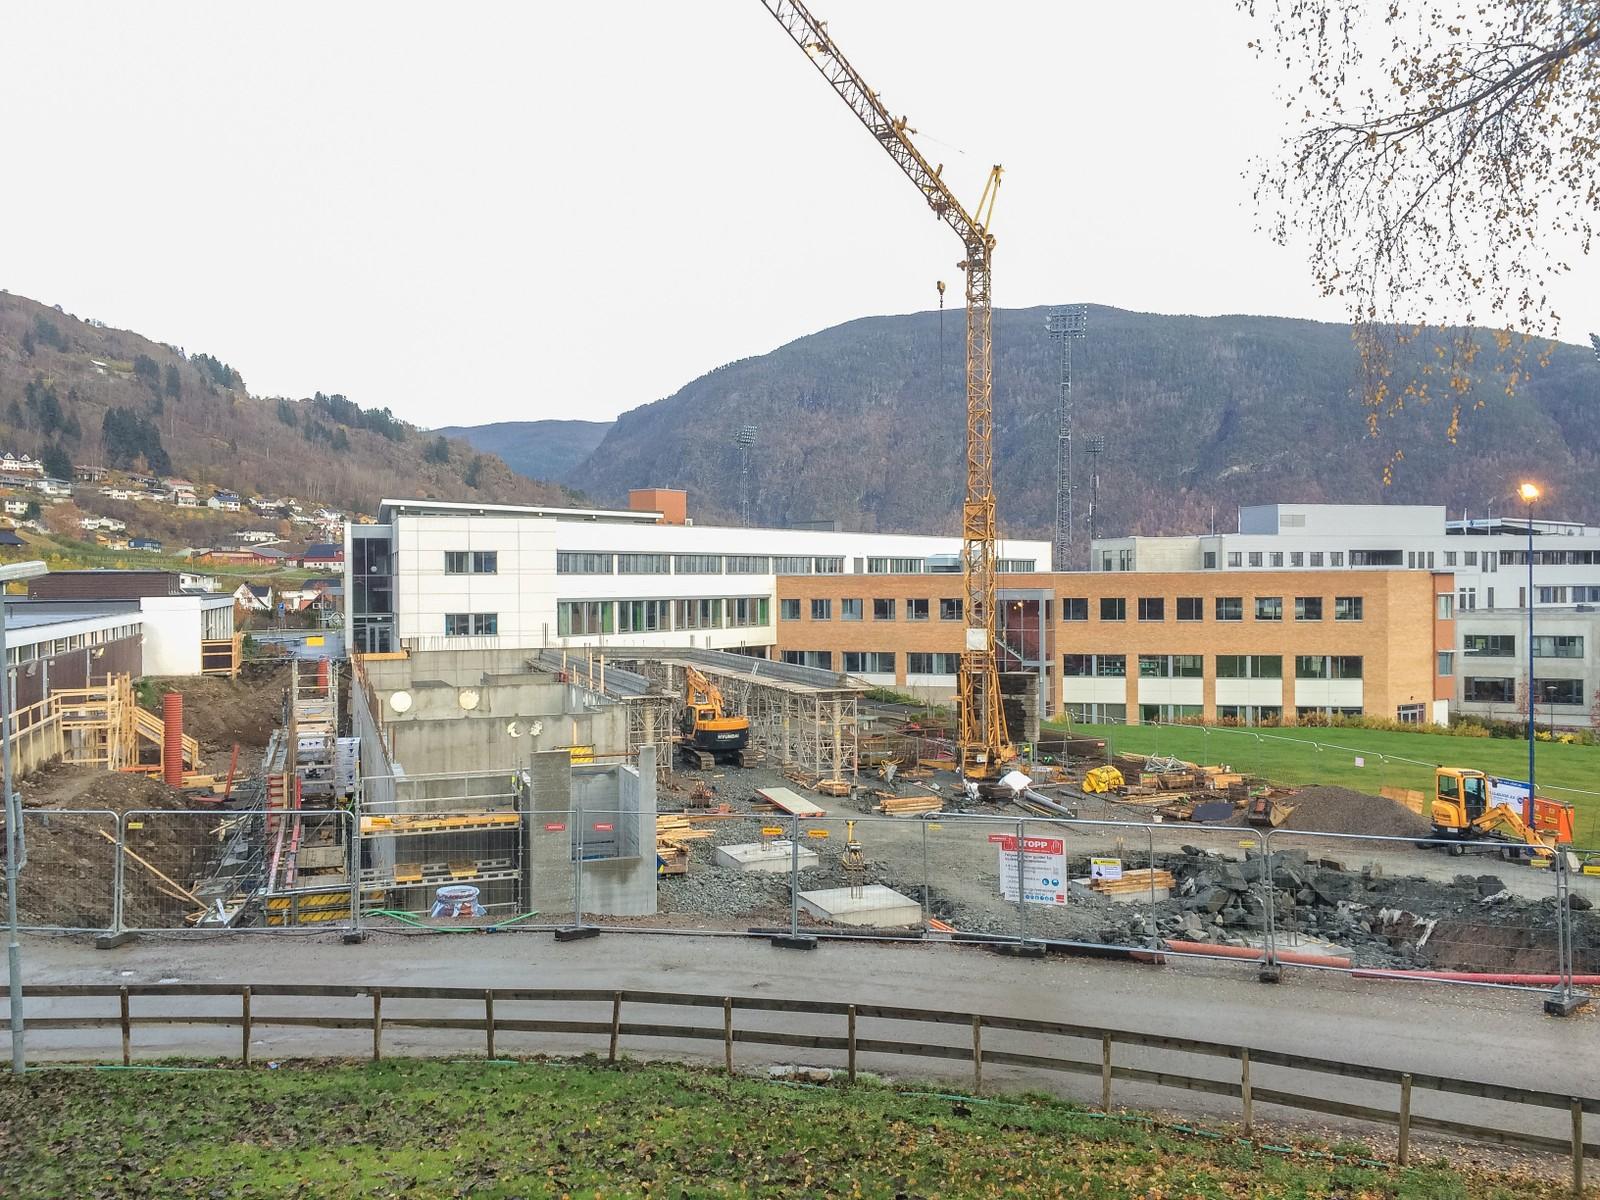 NYTT PÅBYGG: På Campus kjem det eit nytt påbygg til Sogndal vidaregåande skule, som vil samle alle linjene under eitt tak. Påbygget skal erstatte skulen allmennfag brukar i dag og vil stå klar i 2017. Kostnaden er på 60 millionar, inkludert rehabilitering av Sogndal idrettshall.